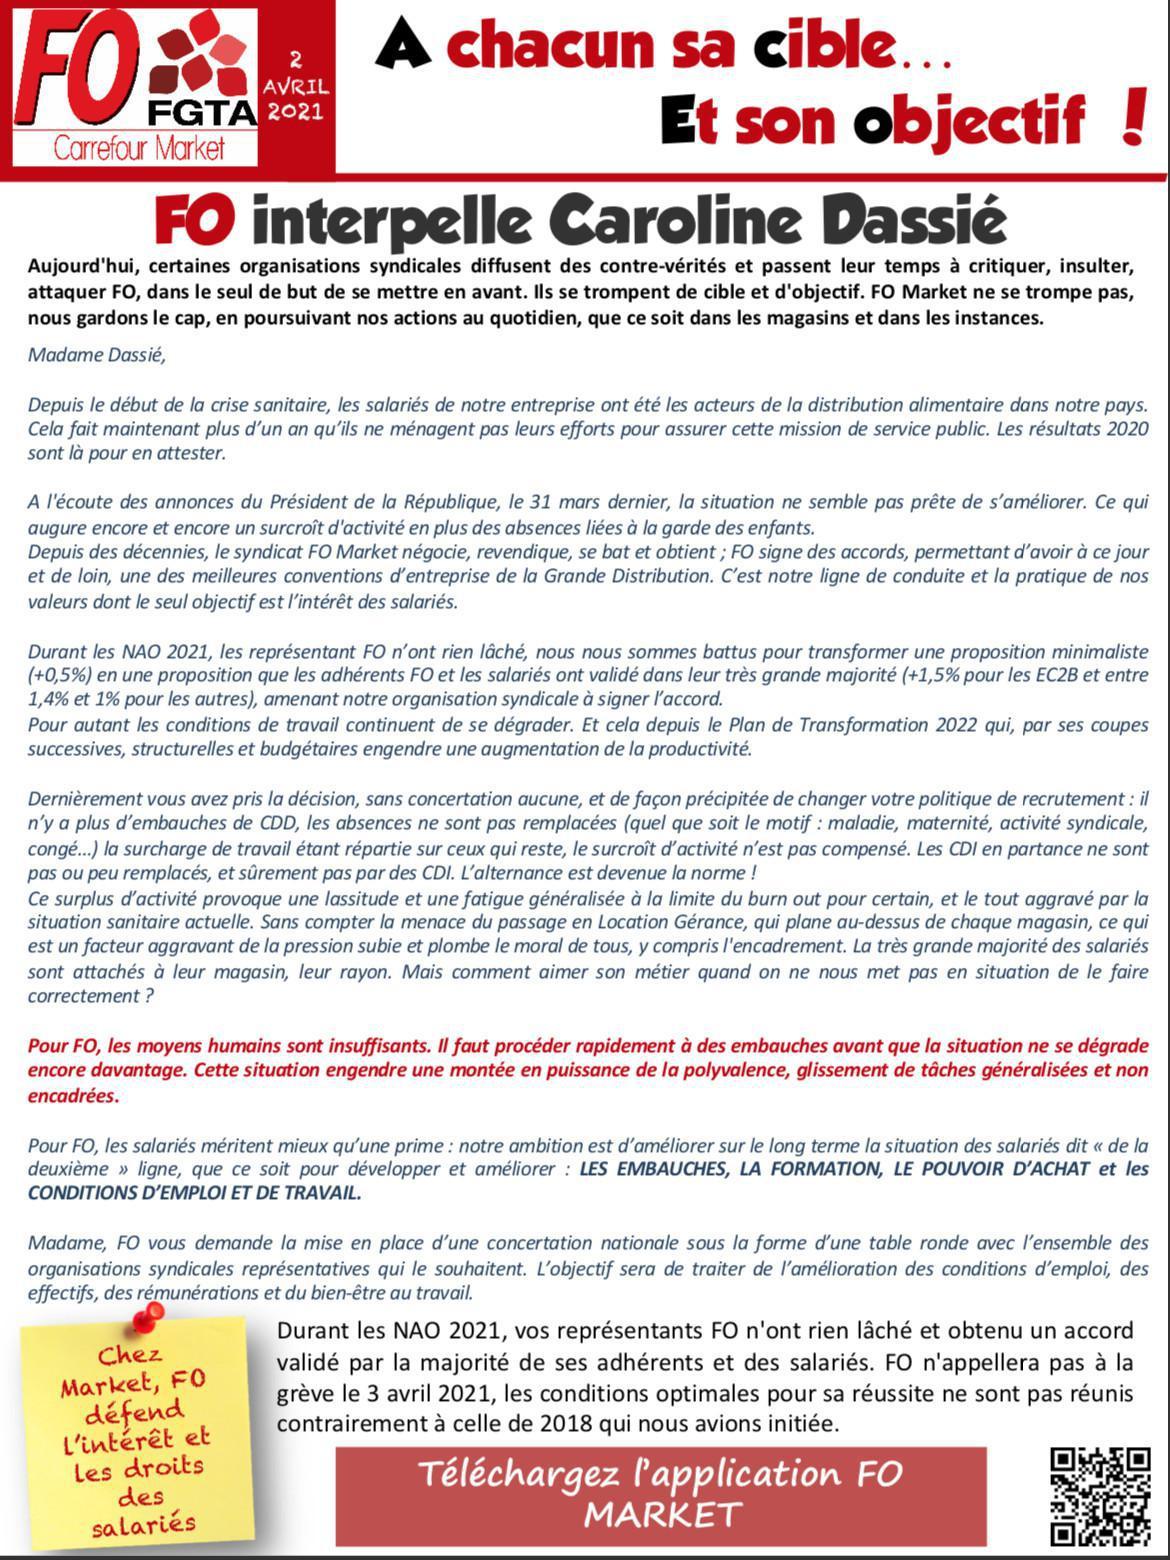 FO Market demande des embauches à Caroline Dassié